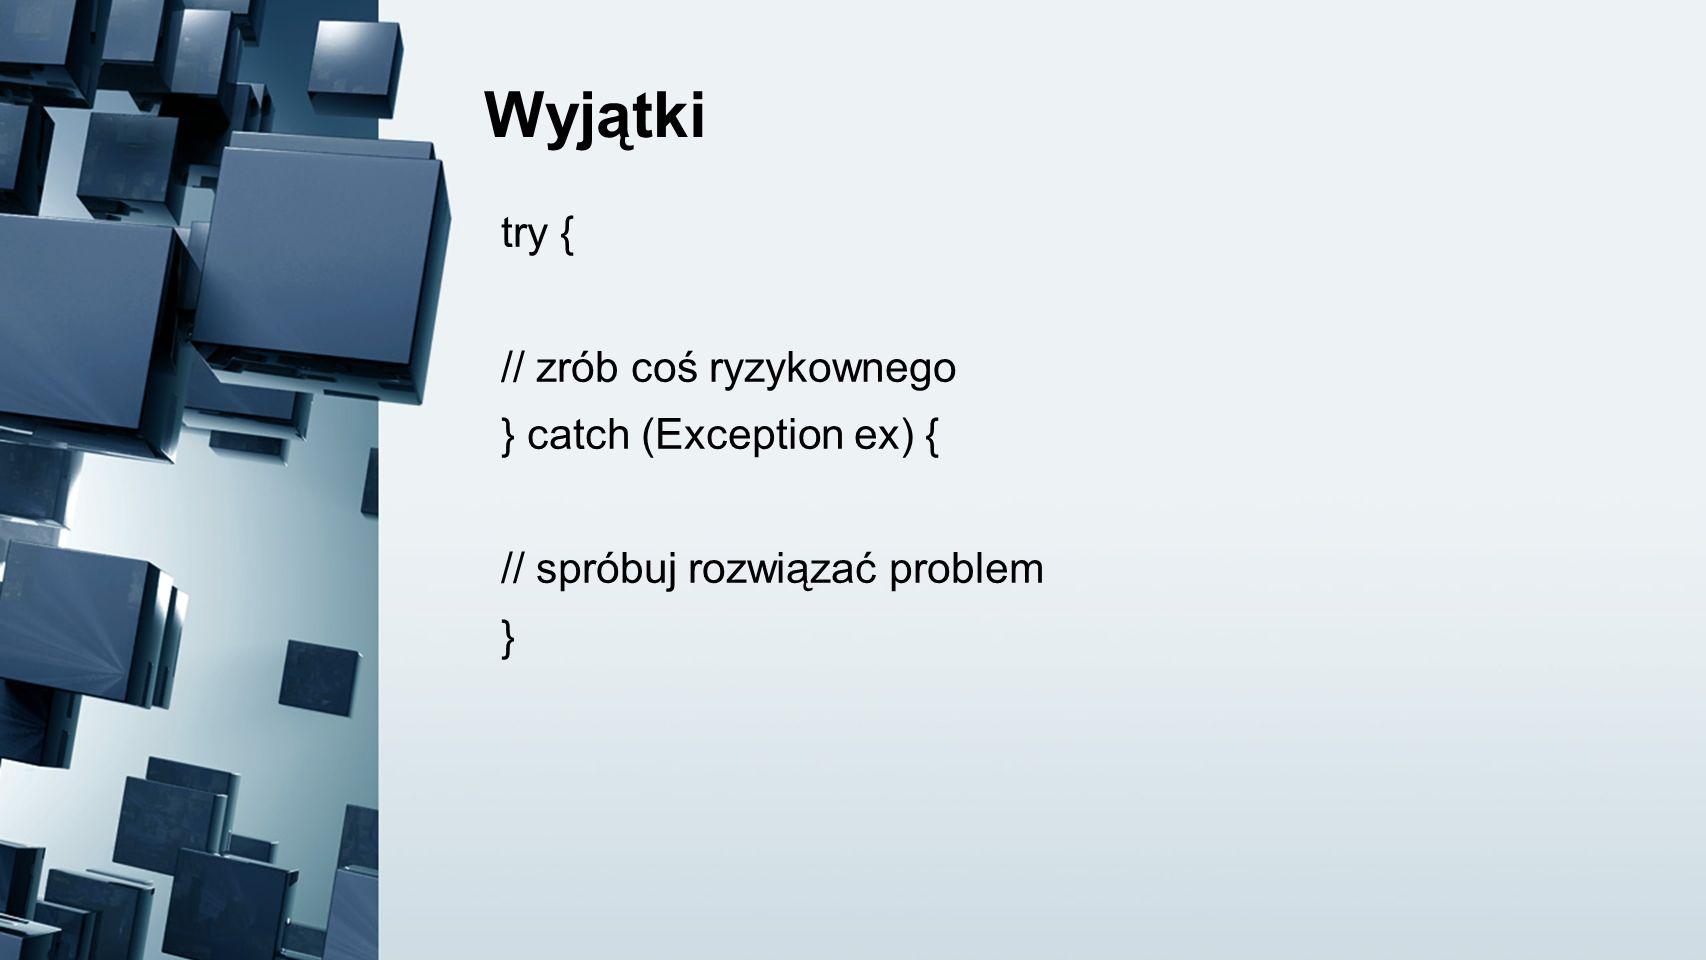 Wyjątki try { // zrób coś ryzykownego } catch (Exception ex) { // spróbuj rozwiązać problem }